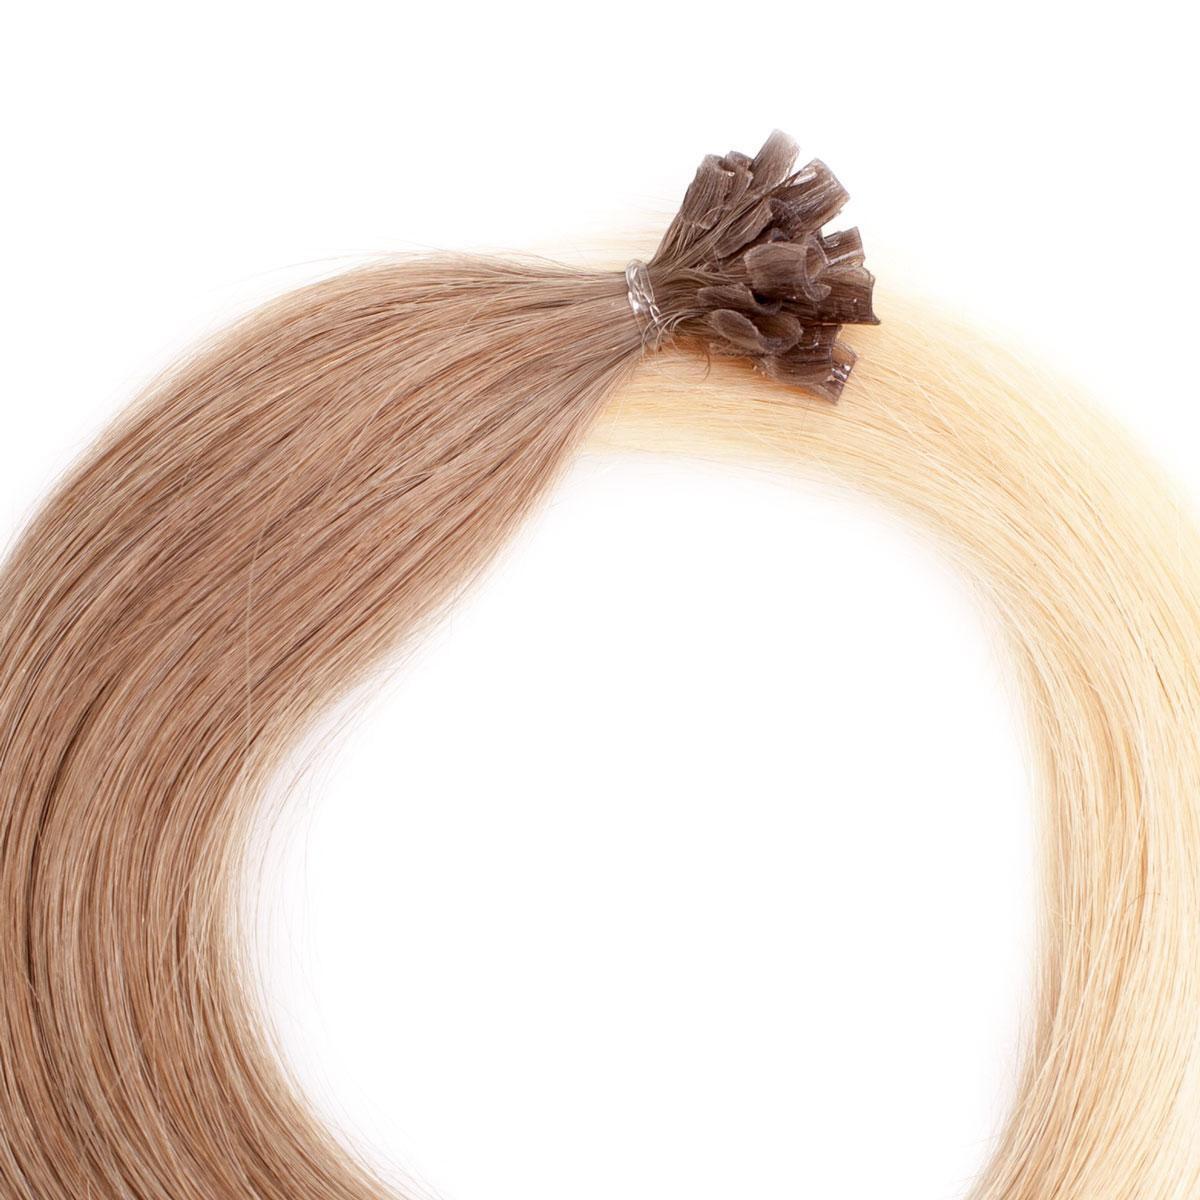 Bondings Original Glatt O7.3/10.8 Cendre Ash Blond Ombre 60 cm